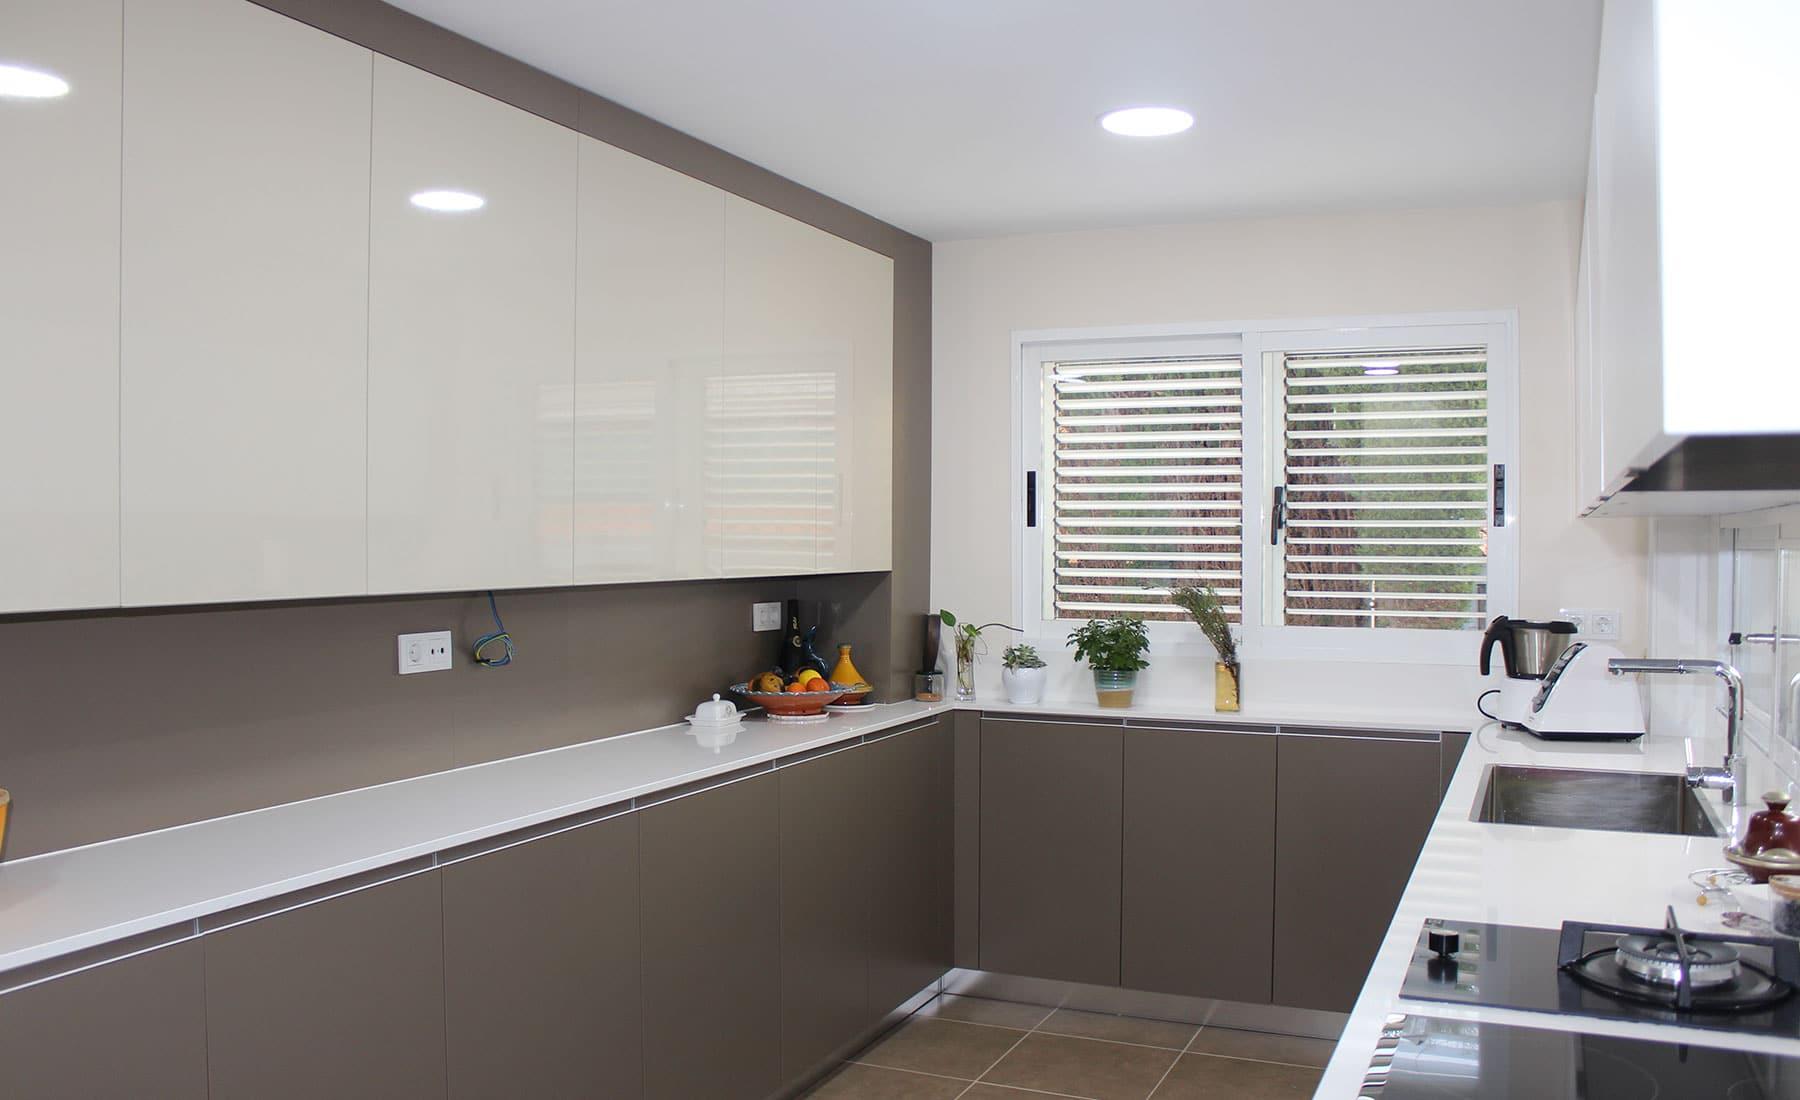 Vista de cocina con forma de U y colores gris y blanco